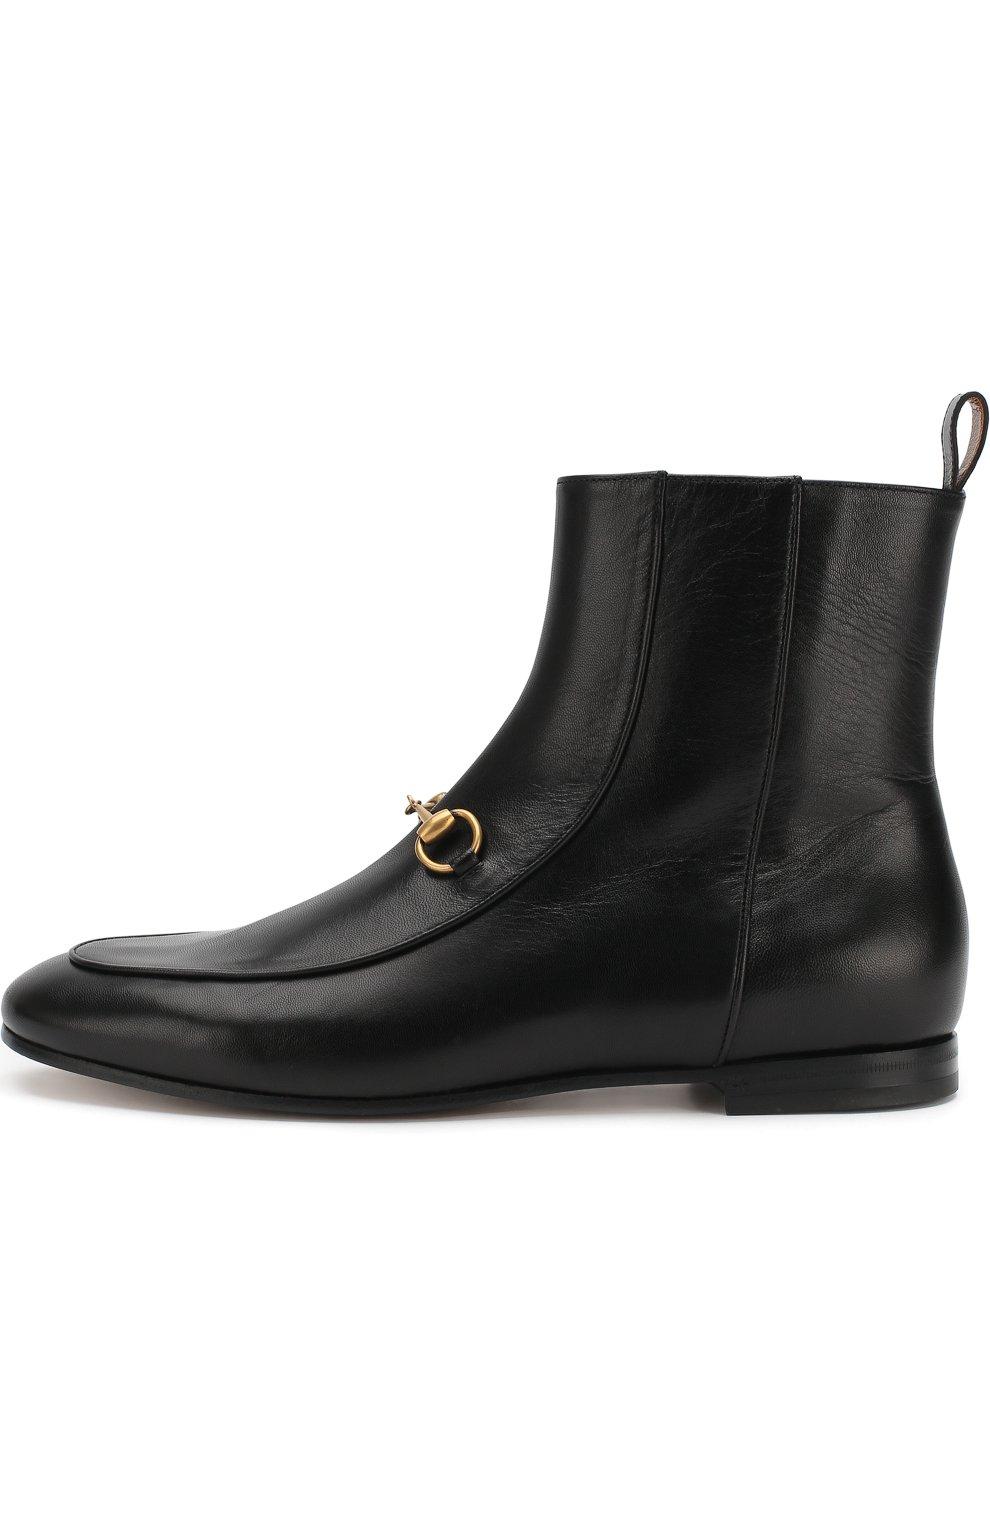 Женские кожаные ботинки jordaan с пряжкой-трензелем GUCCI черного цвета, арт. 496619/C9D00 | Фото 3